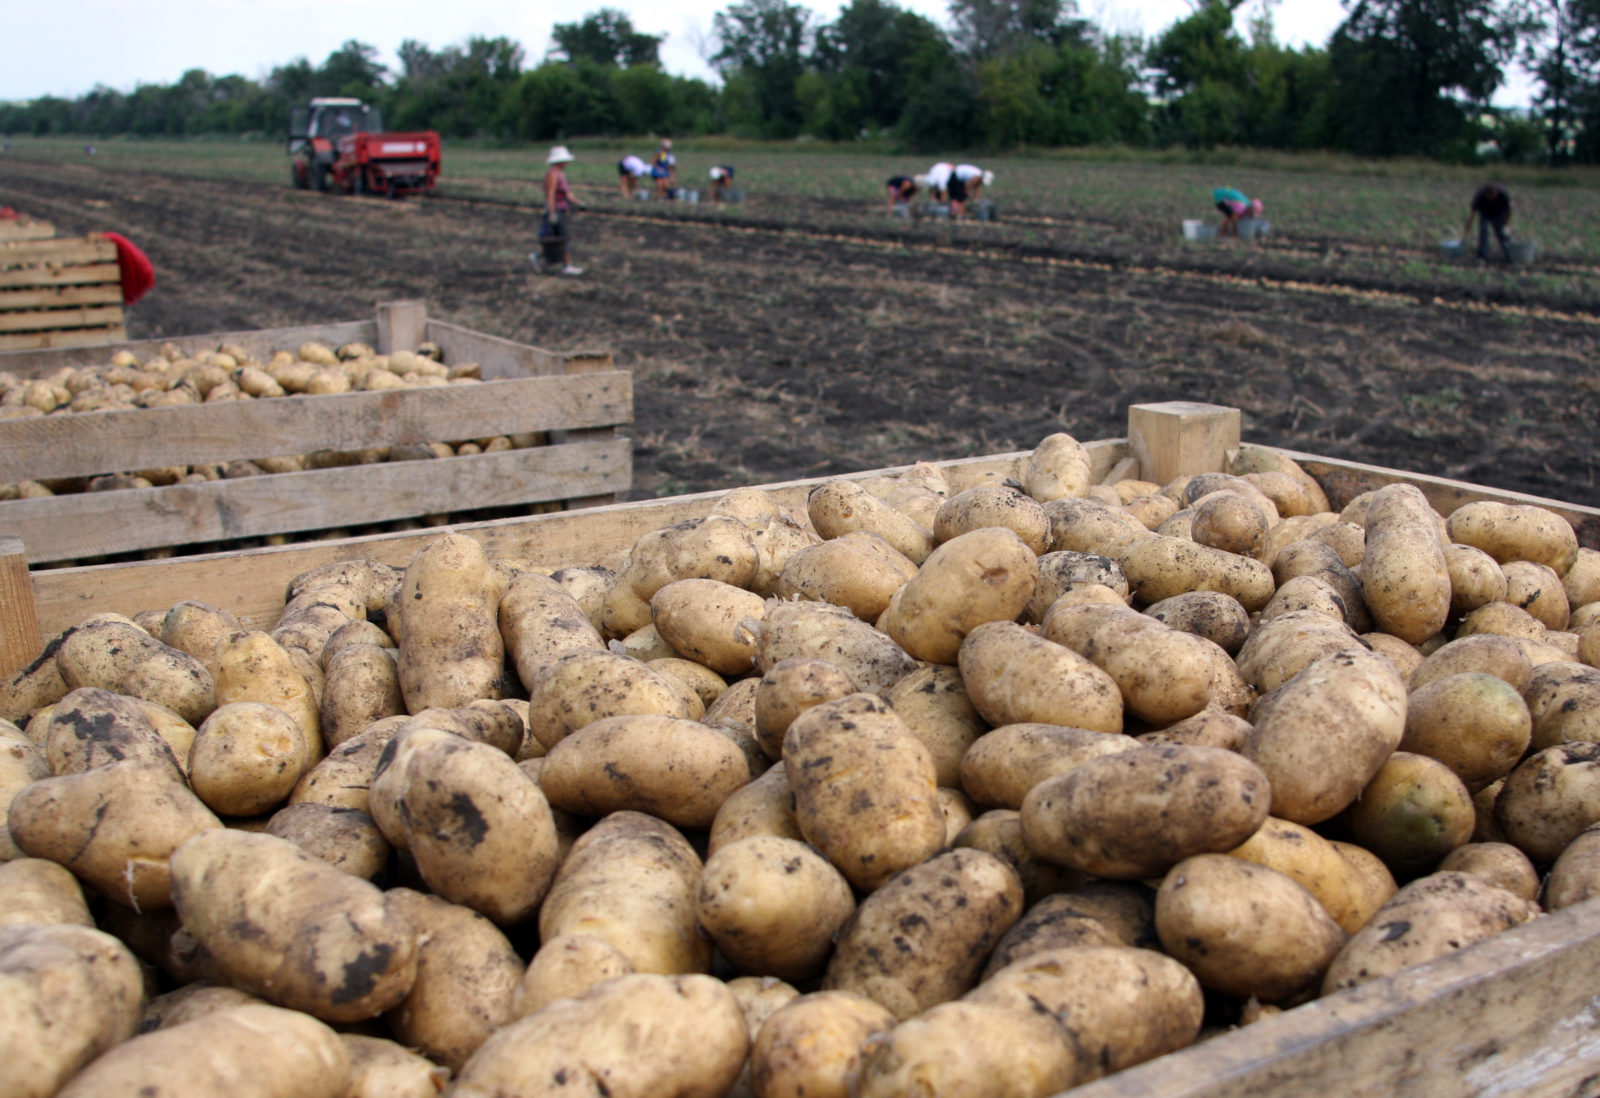 Berühmt Kartoffeln lagern & richtig aufbewahren - Plantura @WY_65